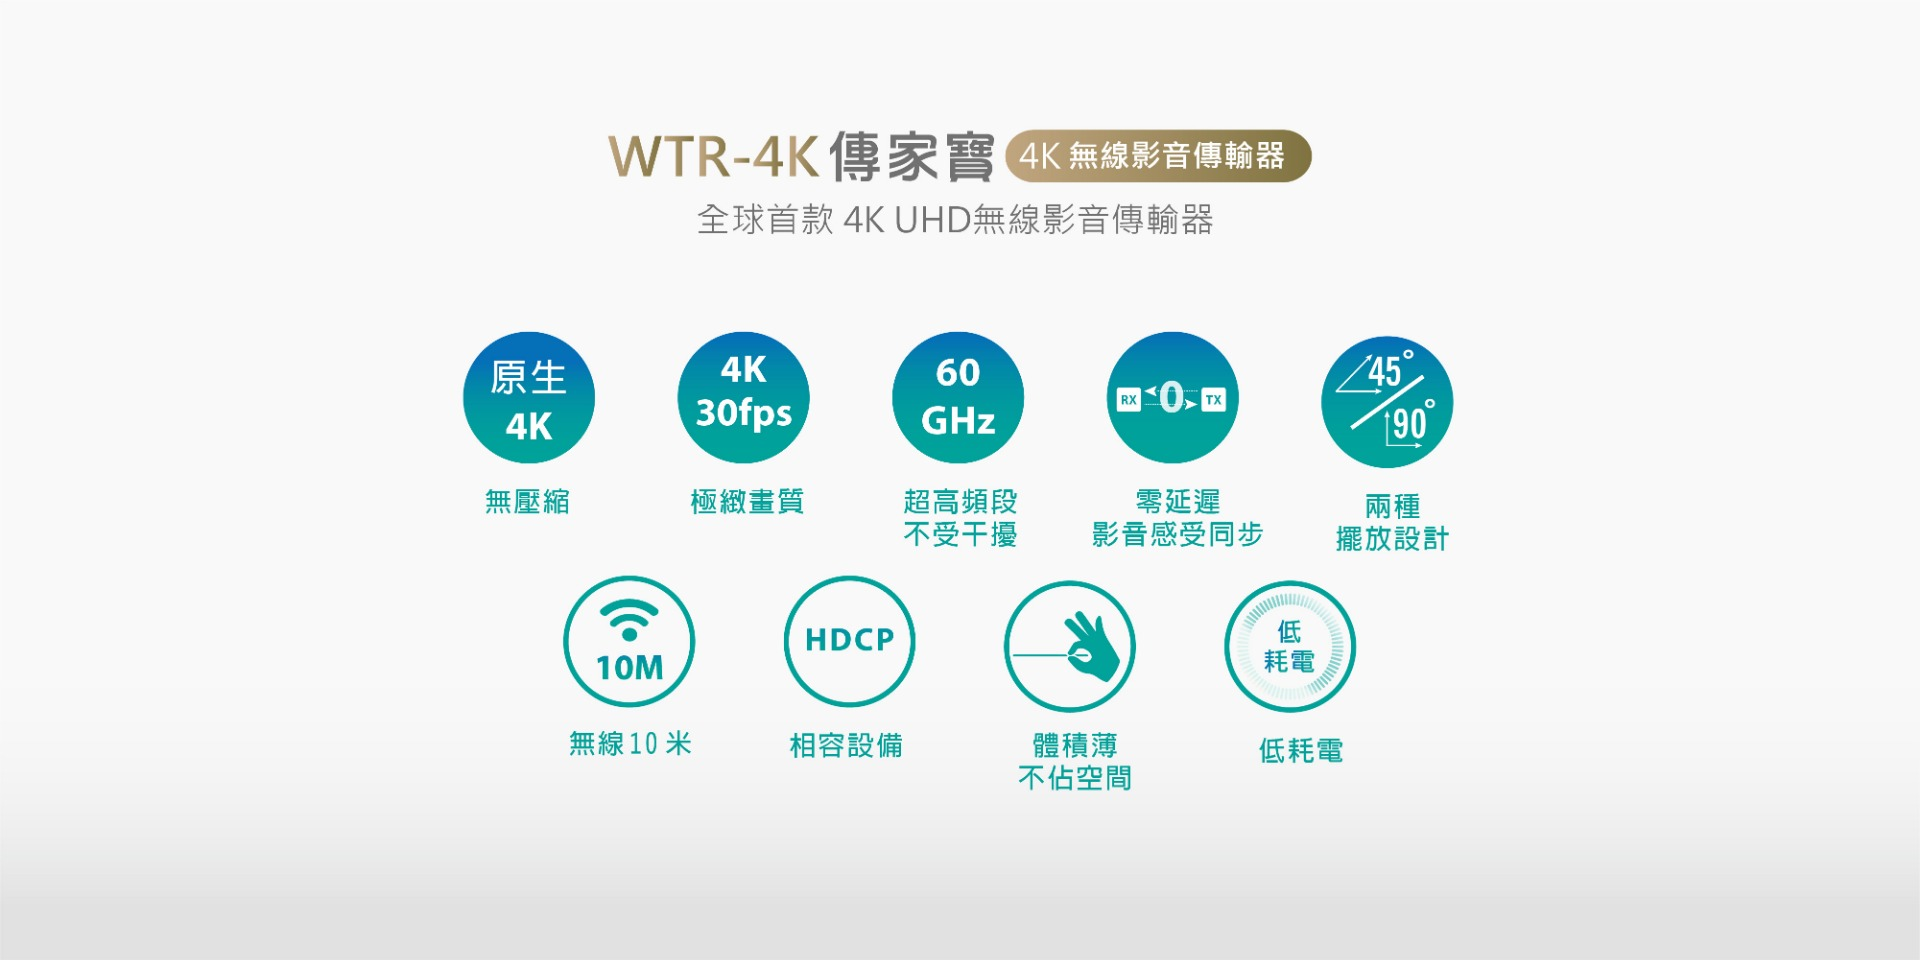 proimages/product/Wireless/WTR-4K/WTR-4K_02_resized.jpg